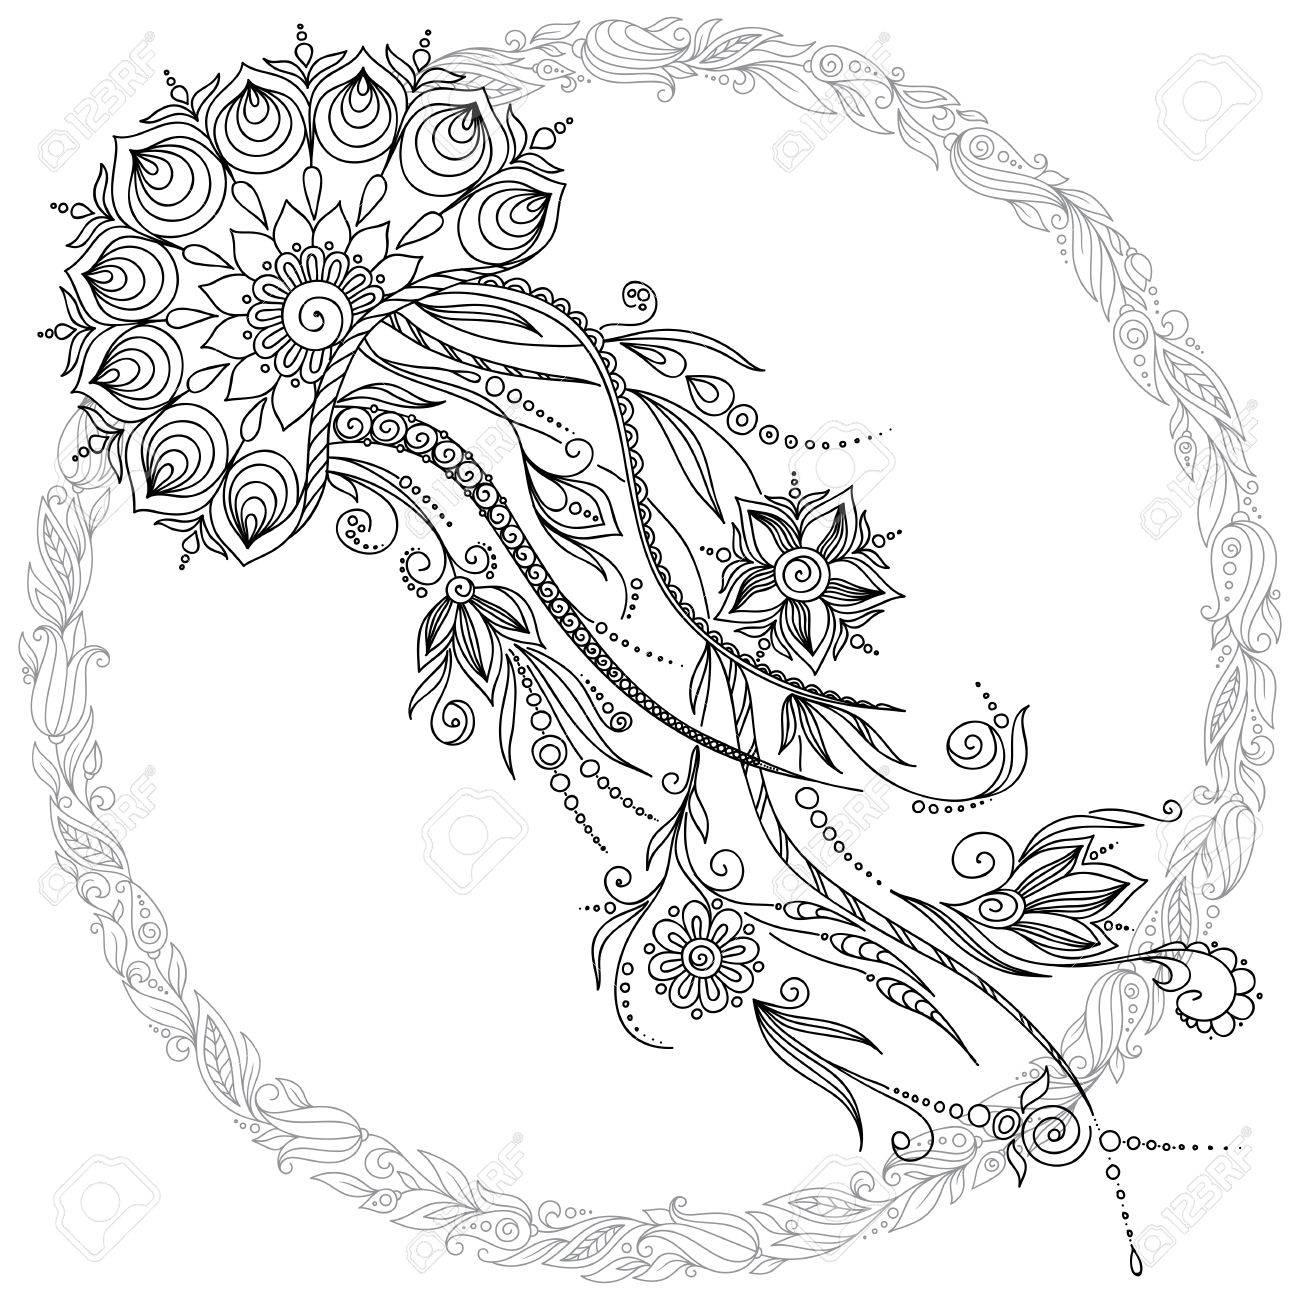 Dibujado A Mano Vector Medusas En Blanco Y Negro Estilo De Dibujo ...